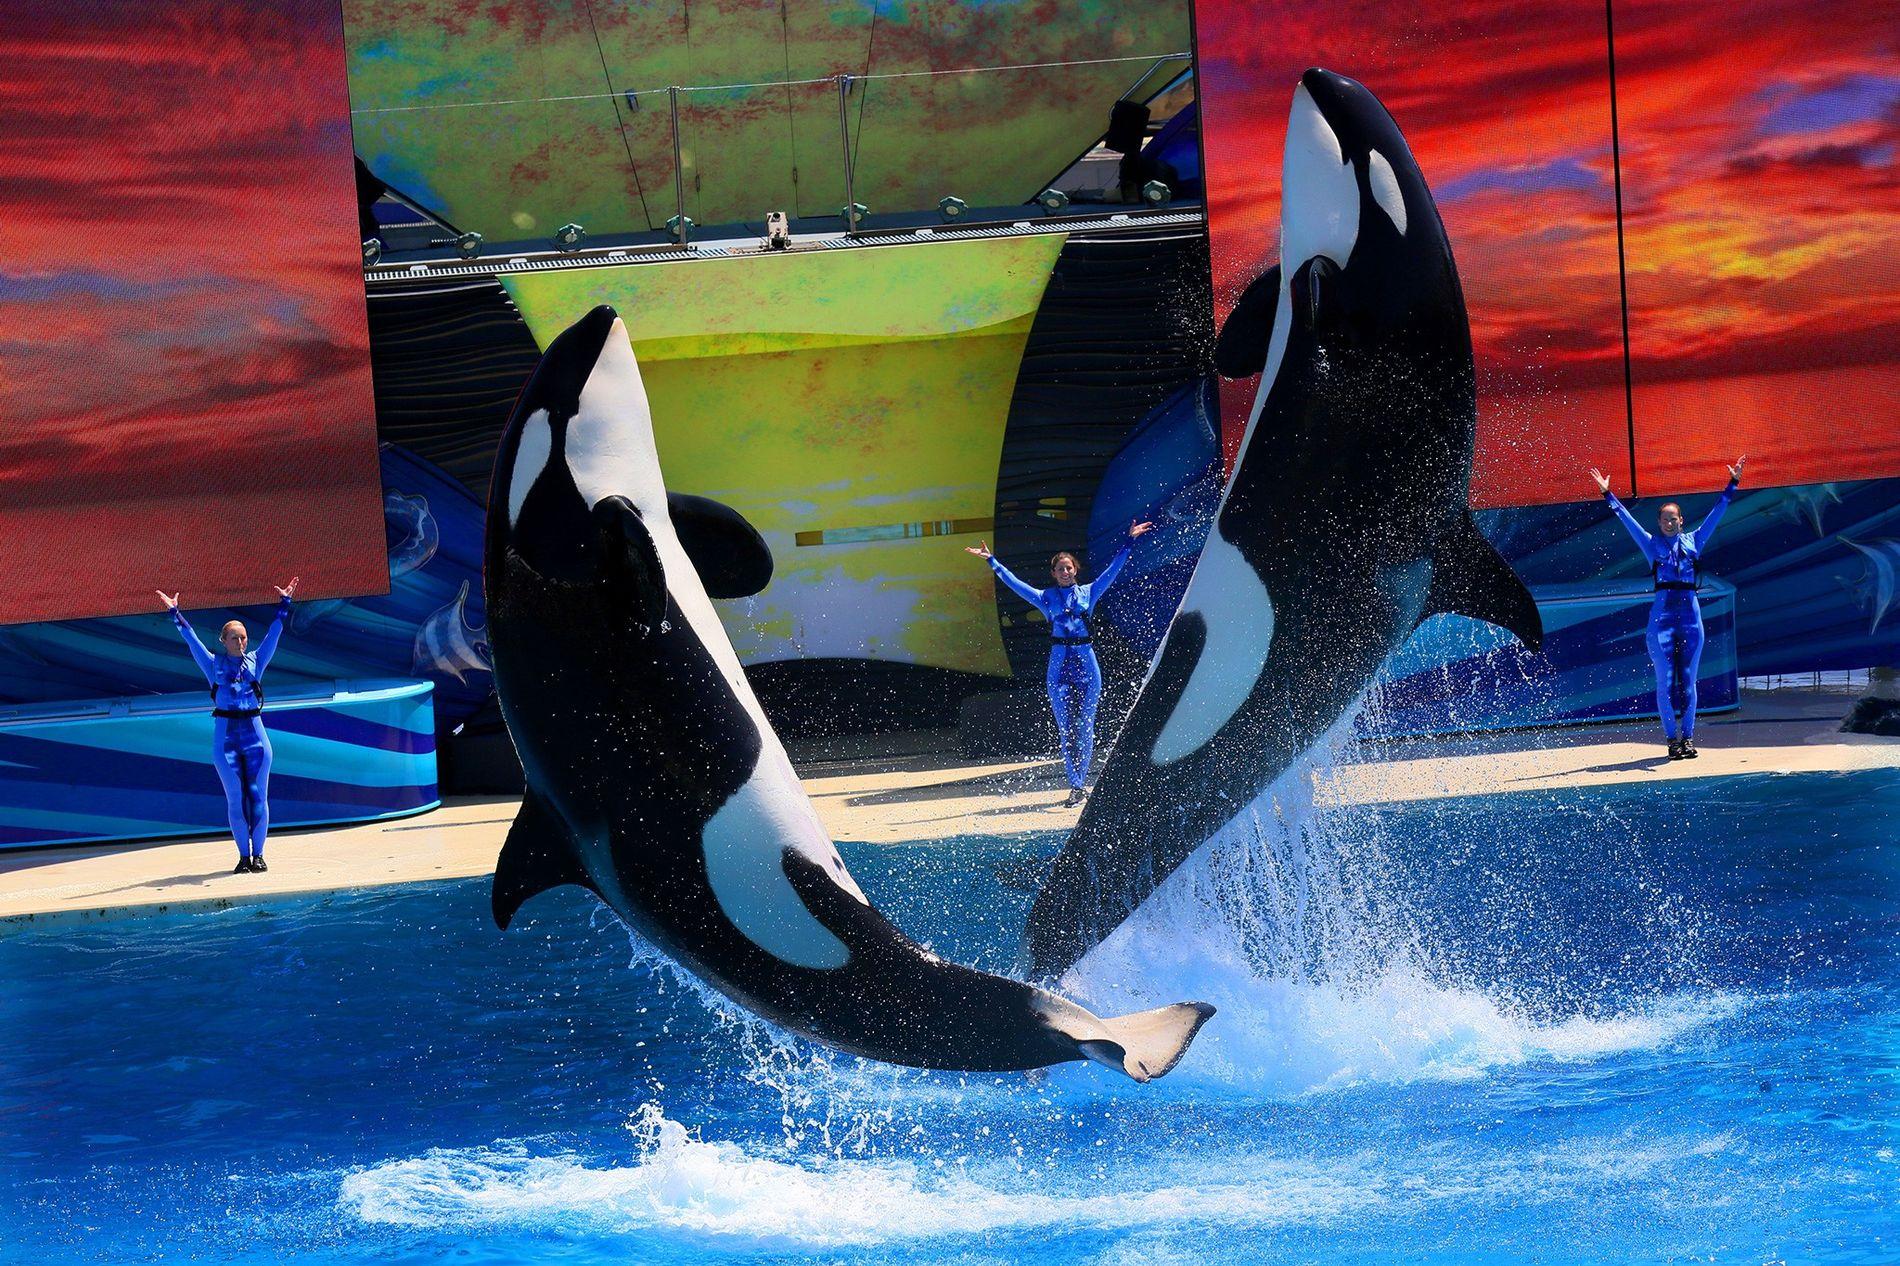 Orcas bei einer Vorführung in Sea World San Diego 2014. Die Säugetiere sind enorm intelligent und legen in der Wildnis große Entfernungen zurück. Seit Jahrzehnten gibt es Belege für Verhaltensstörungen gefangener Orcas, die durch Stress ausgelöst werden.